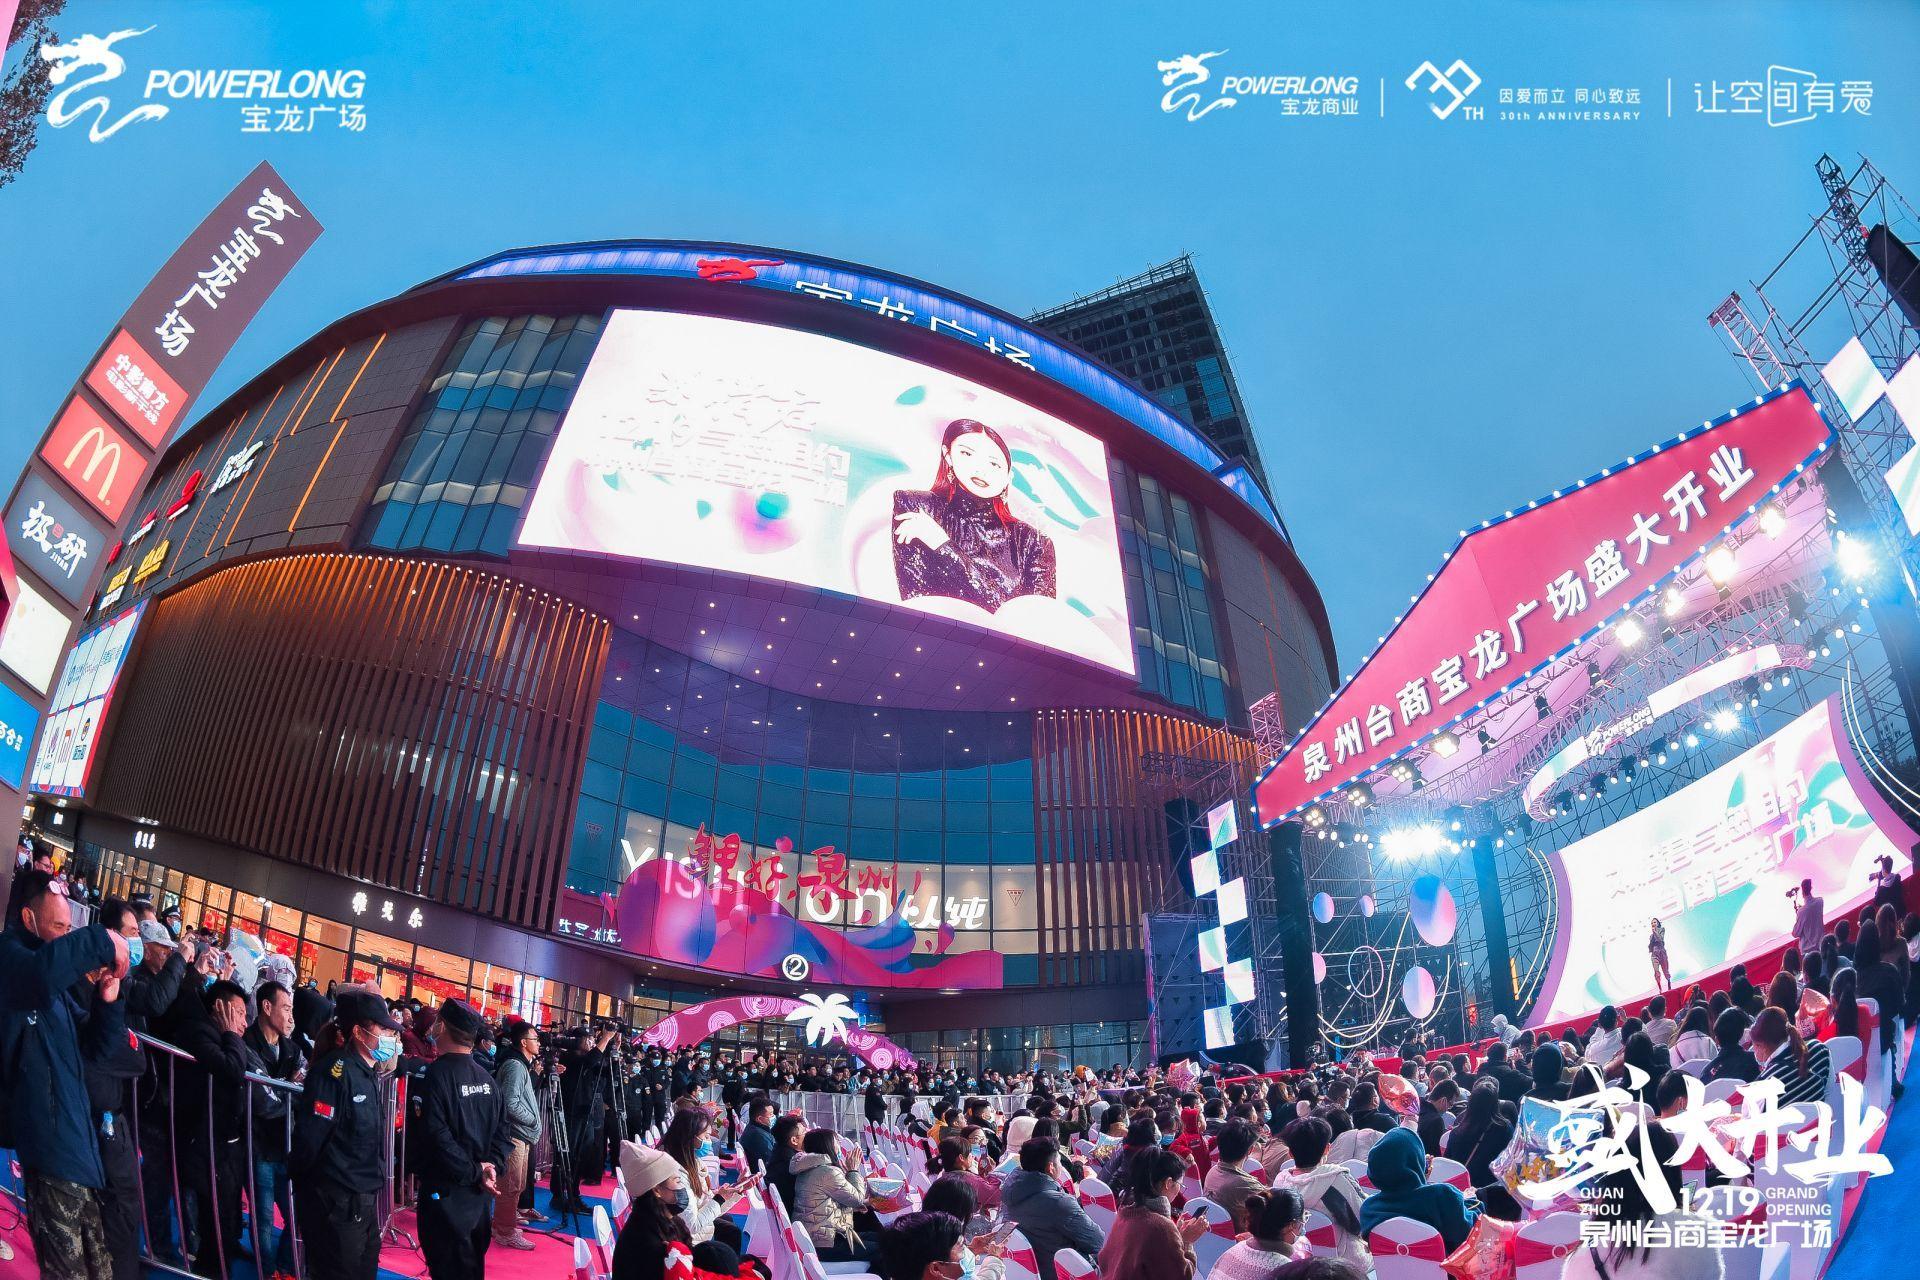 龙曜东南 泉州台商宝龙广场盛大开业